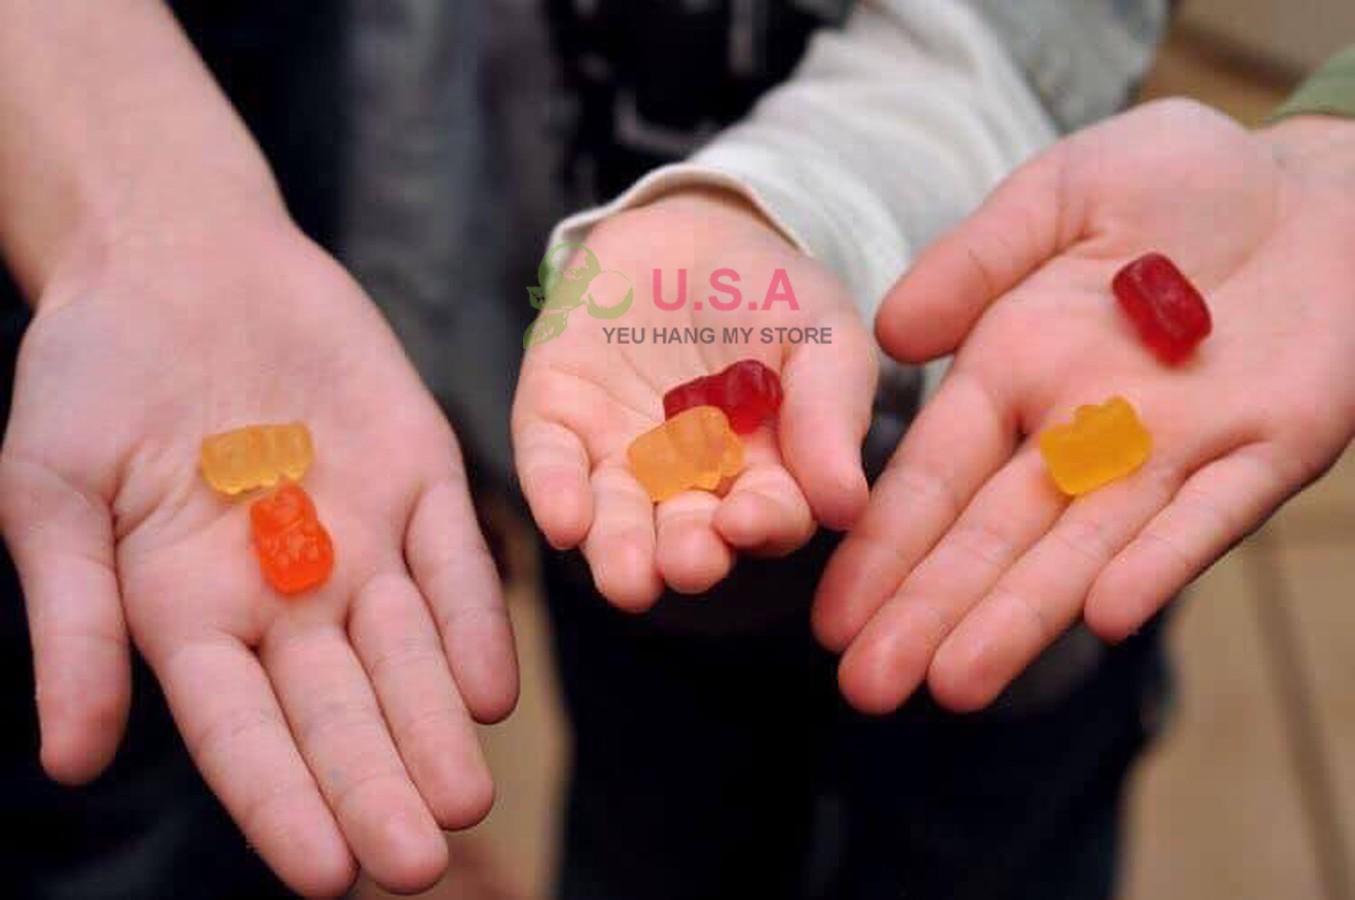 Toàn quốc - Kẹo Dẻo Lil Critter Gummy Vites Dành Cho Bé Keo-deo-lil-critter-gummy-vites-danh-cho-be-07